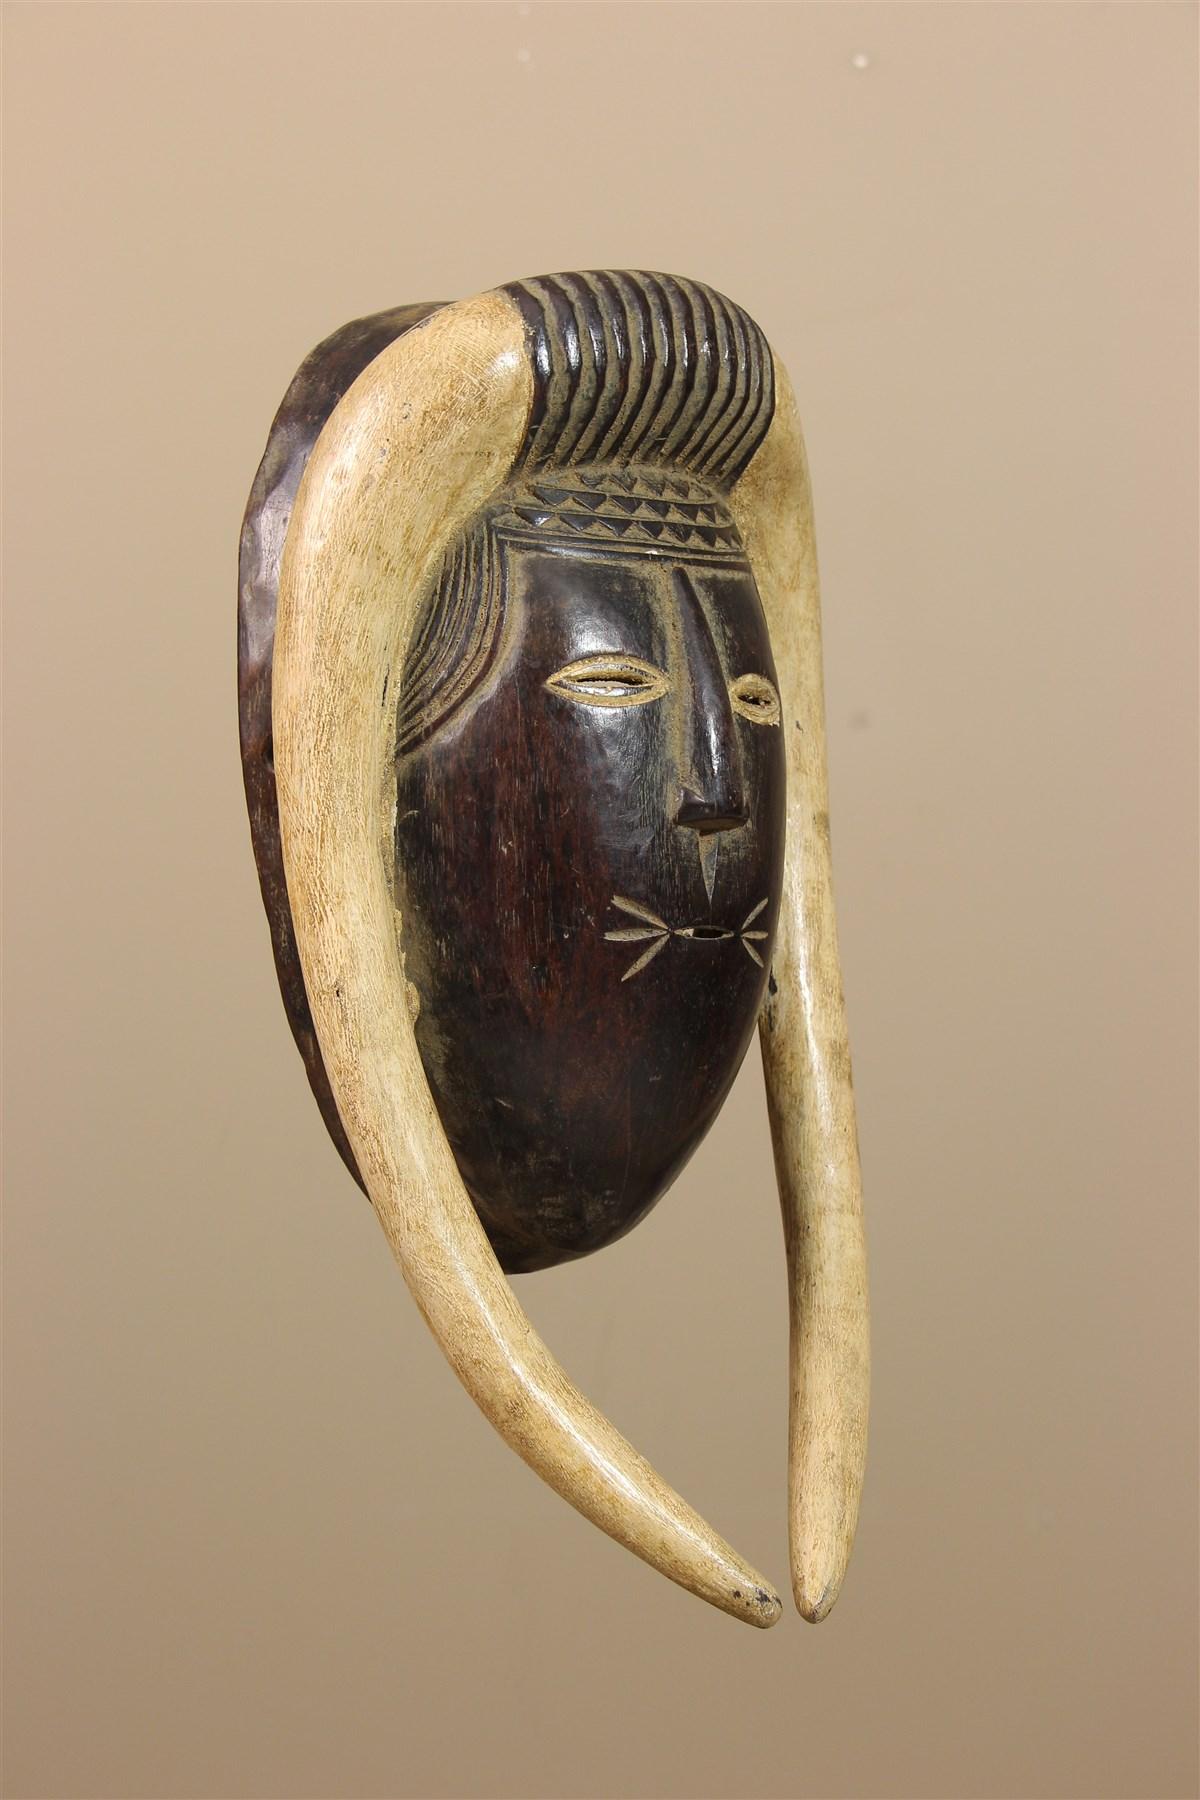 Masque Djimini Côte d'Ivoire - Déco africaine - Art africain traditionnel